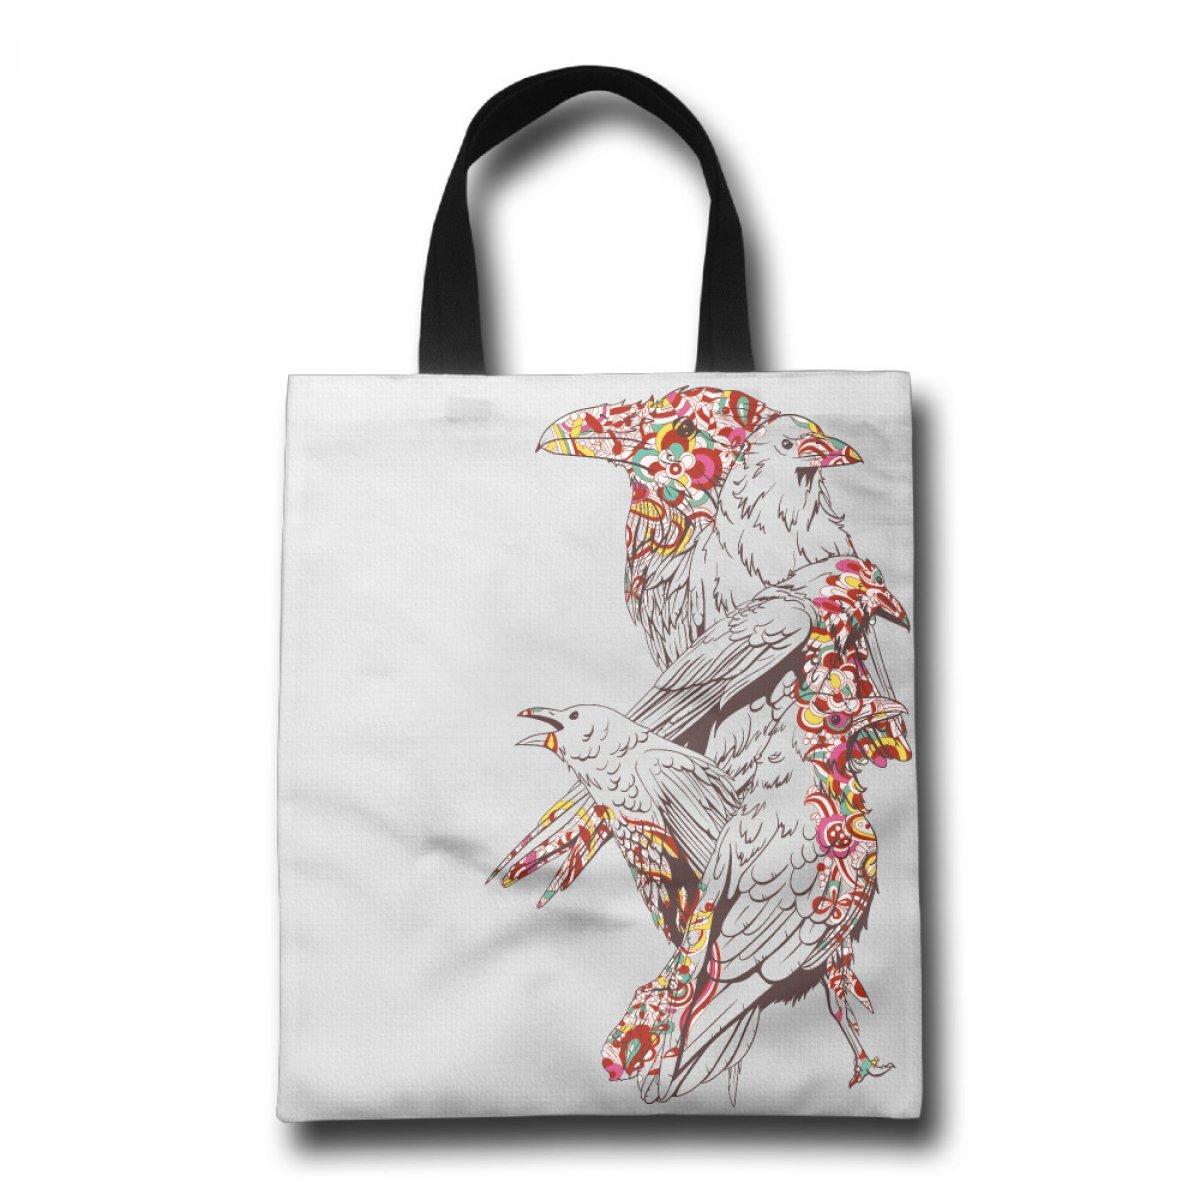 PhoRock Ladies Canvas Tote Bag Five Eagles Printed Beach Tote GWDW021 0